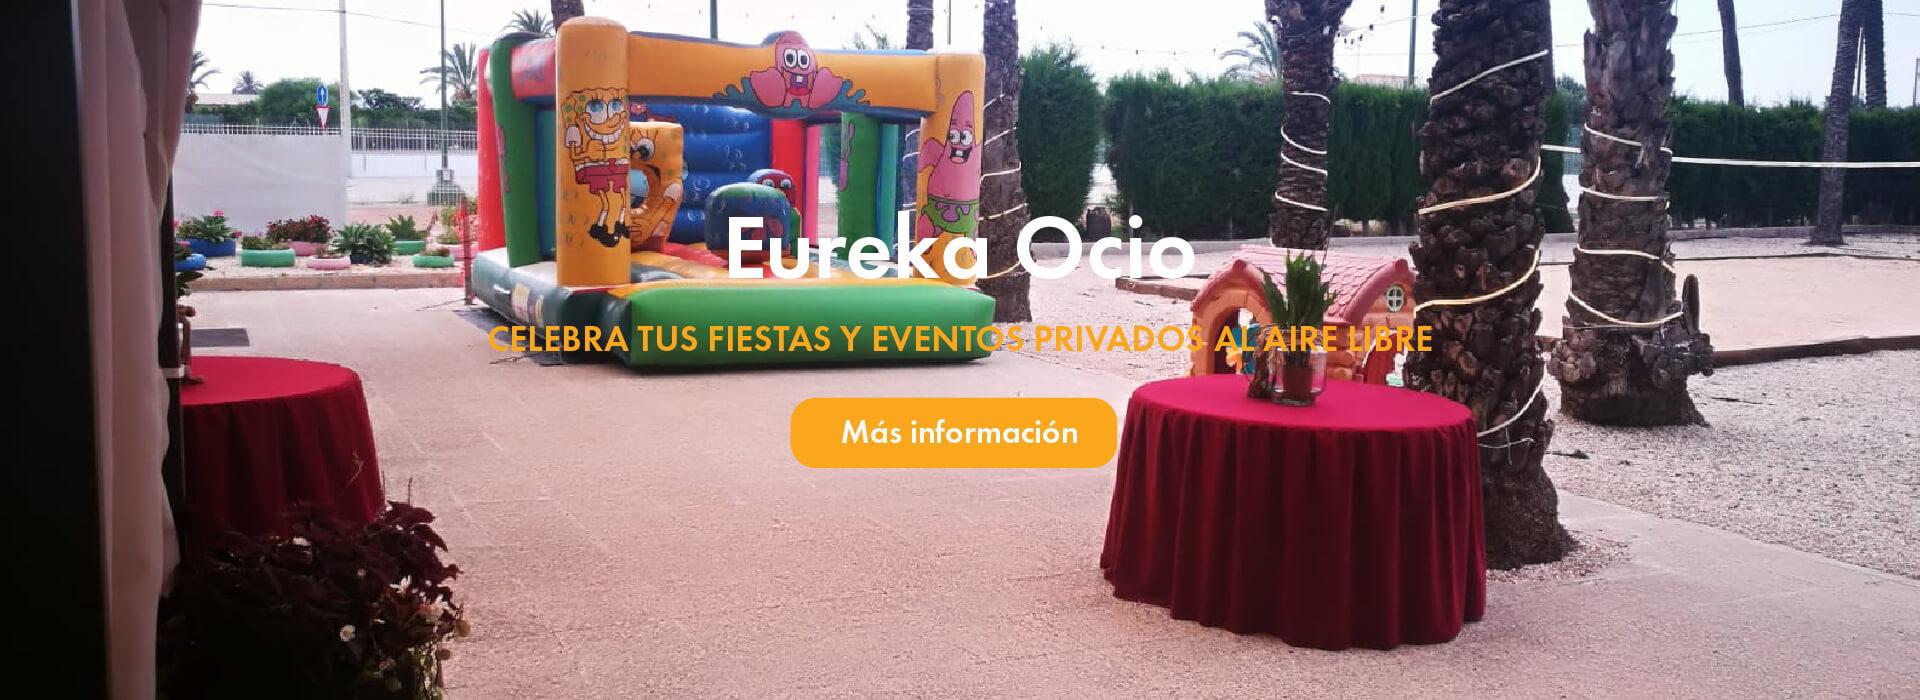 Eureka Ocio